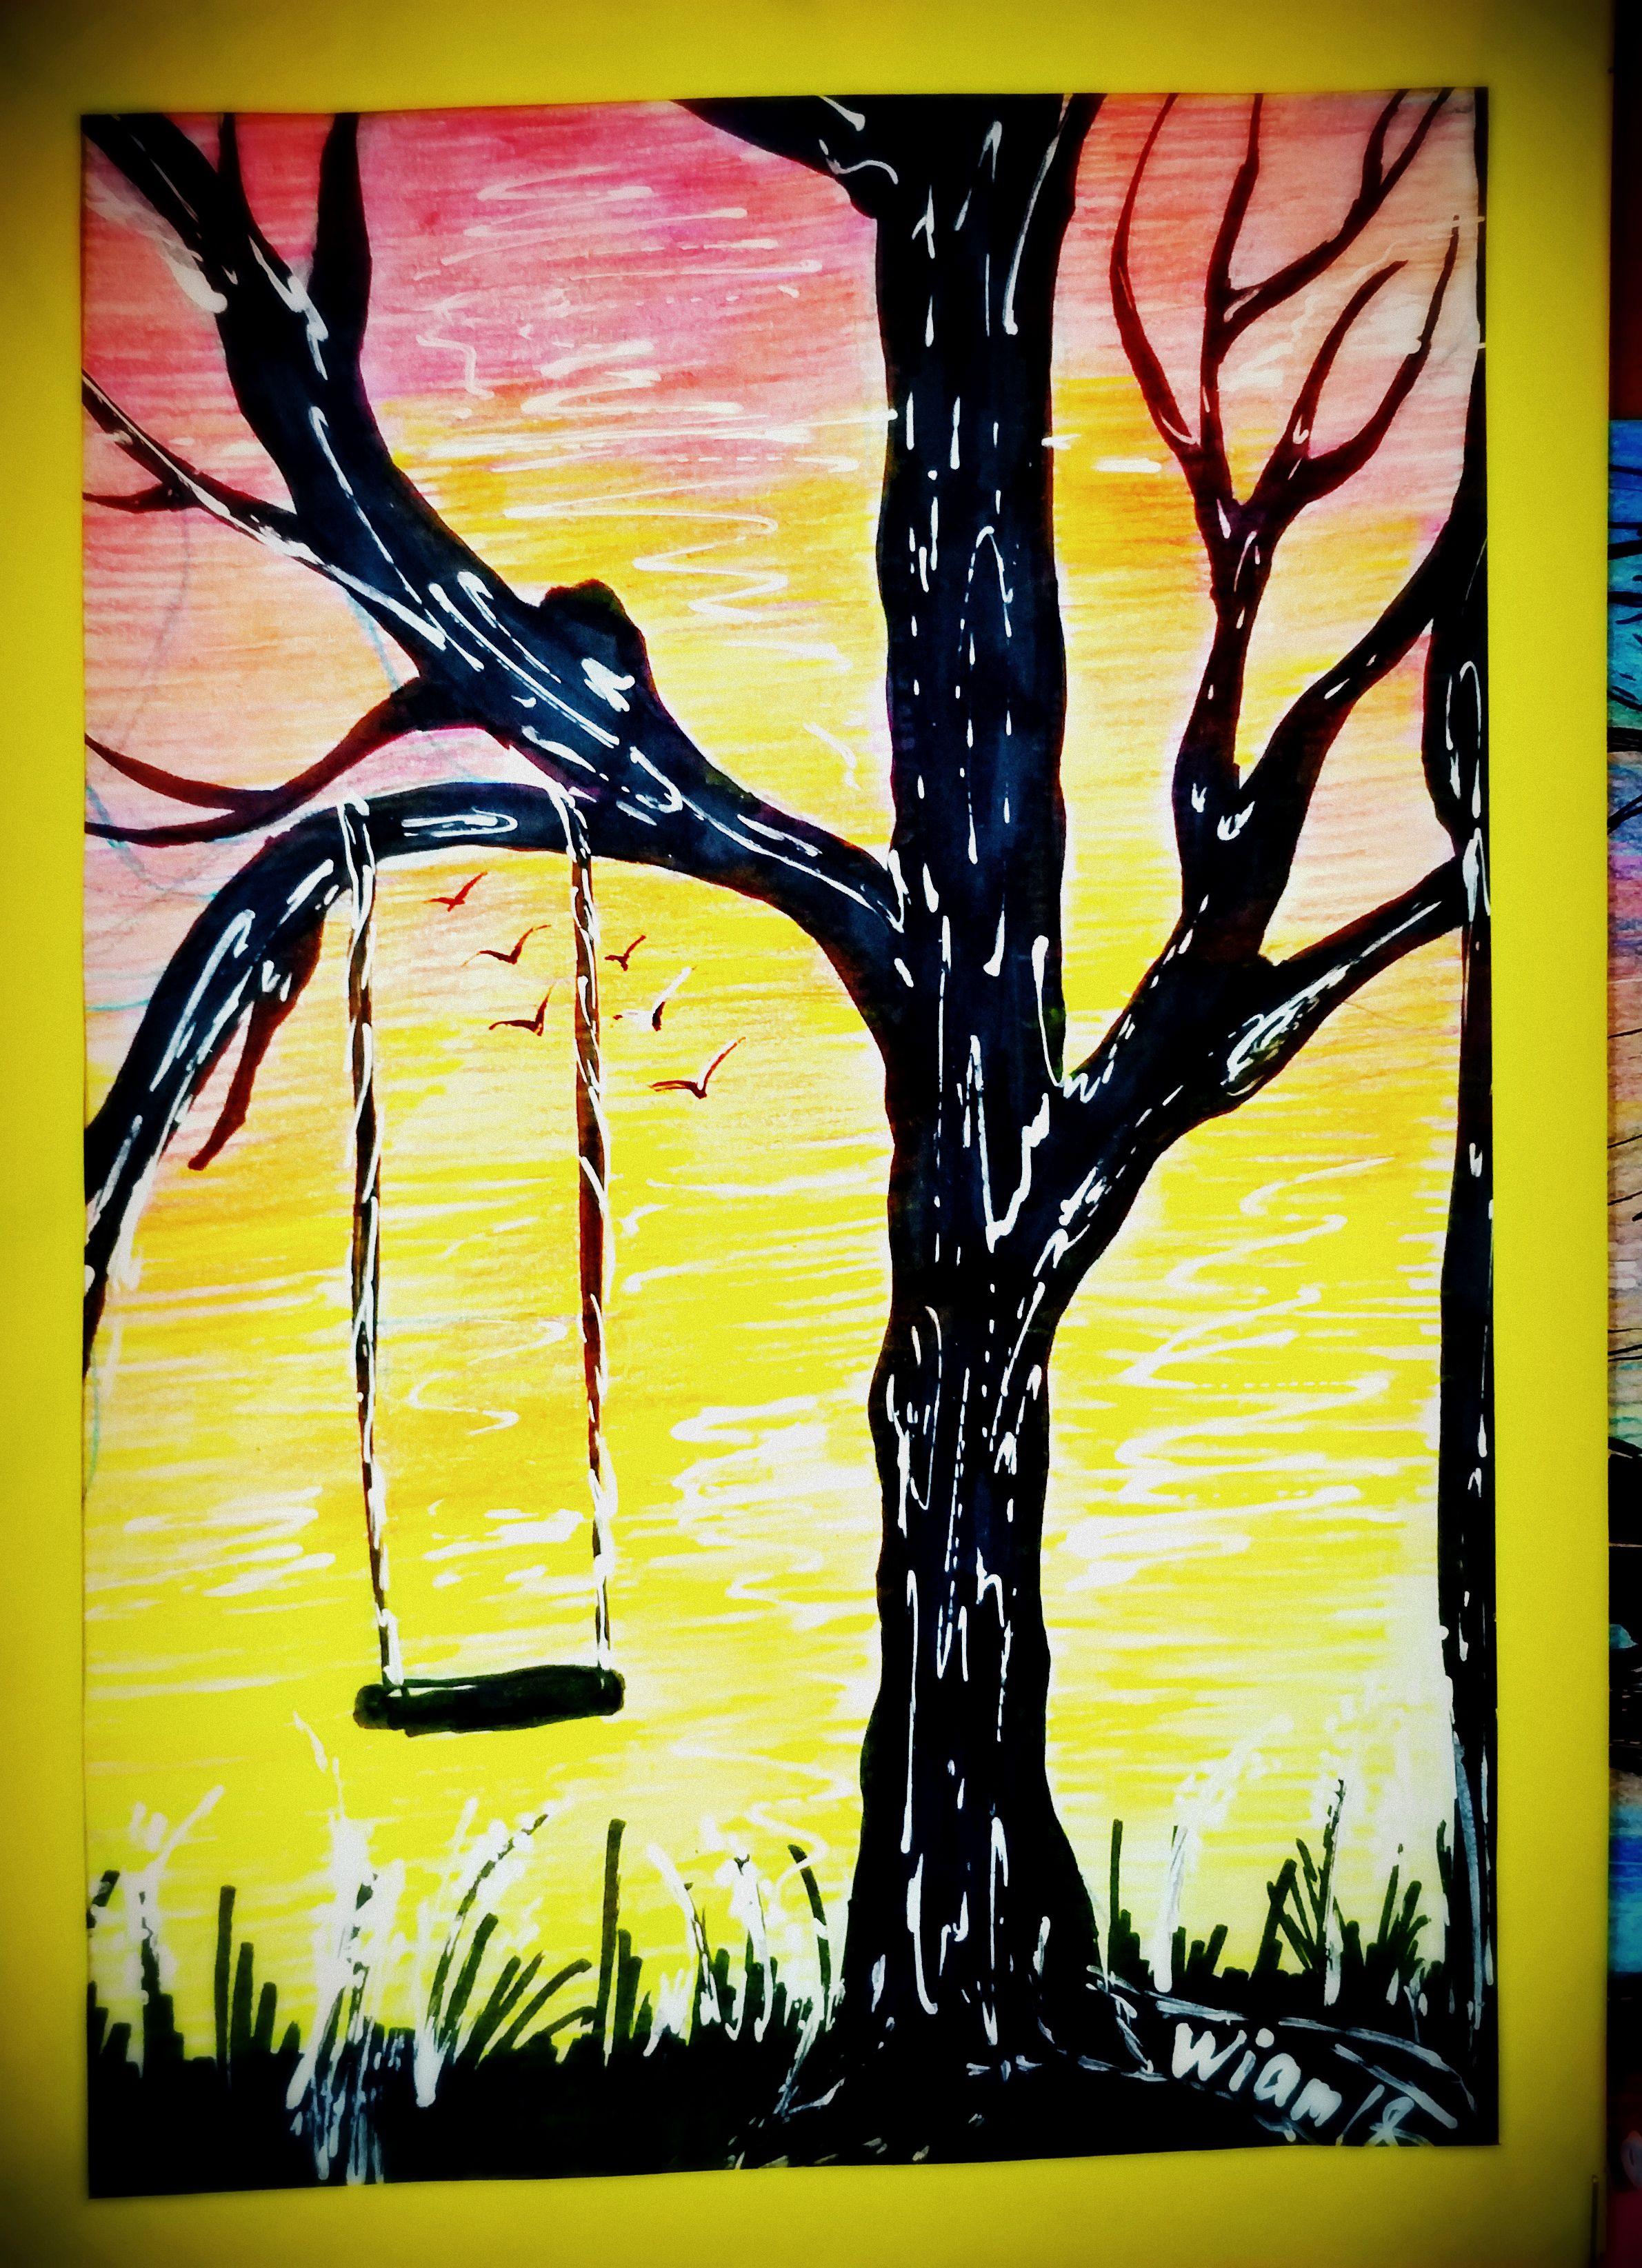 птицы рассвет гамак дество маркеры рисунок закат карандаши силуэт качели дерево цветные